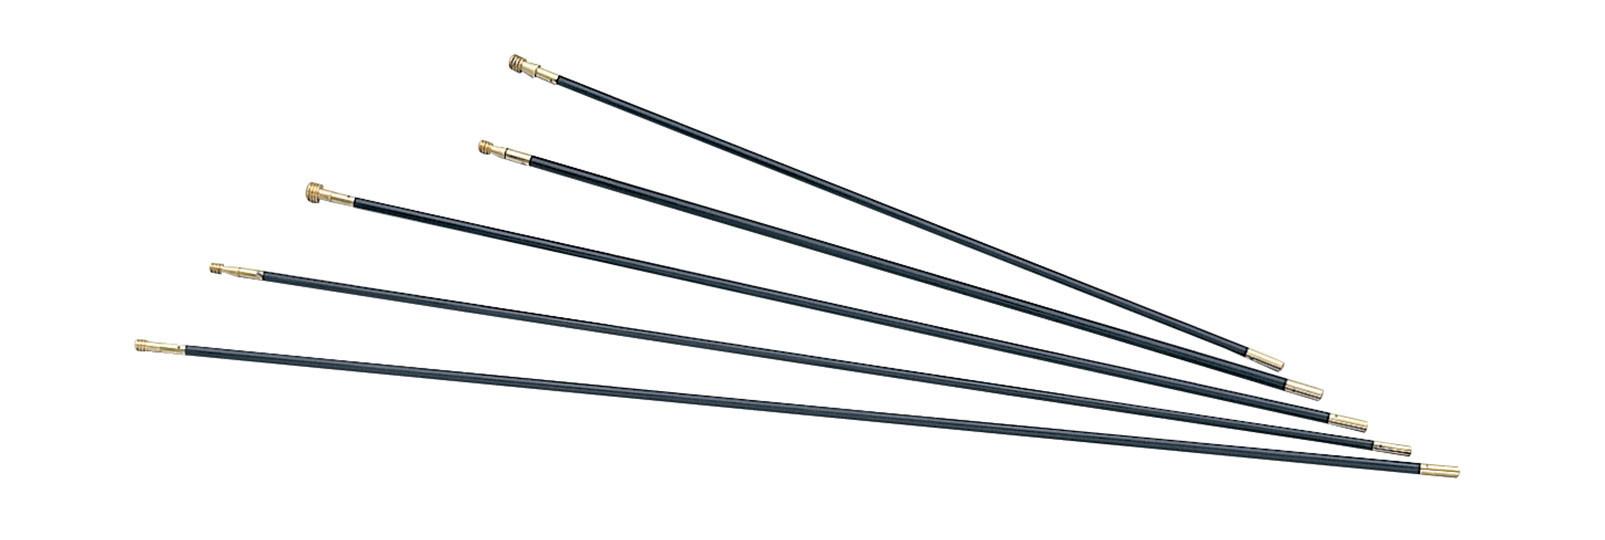 Fiber rod 9x790 mm